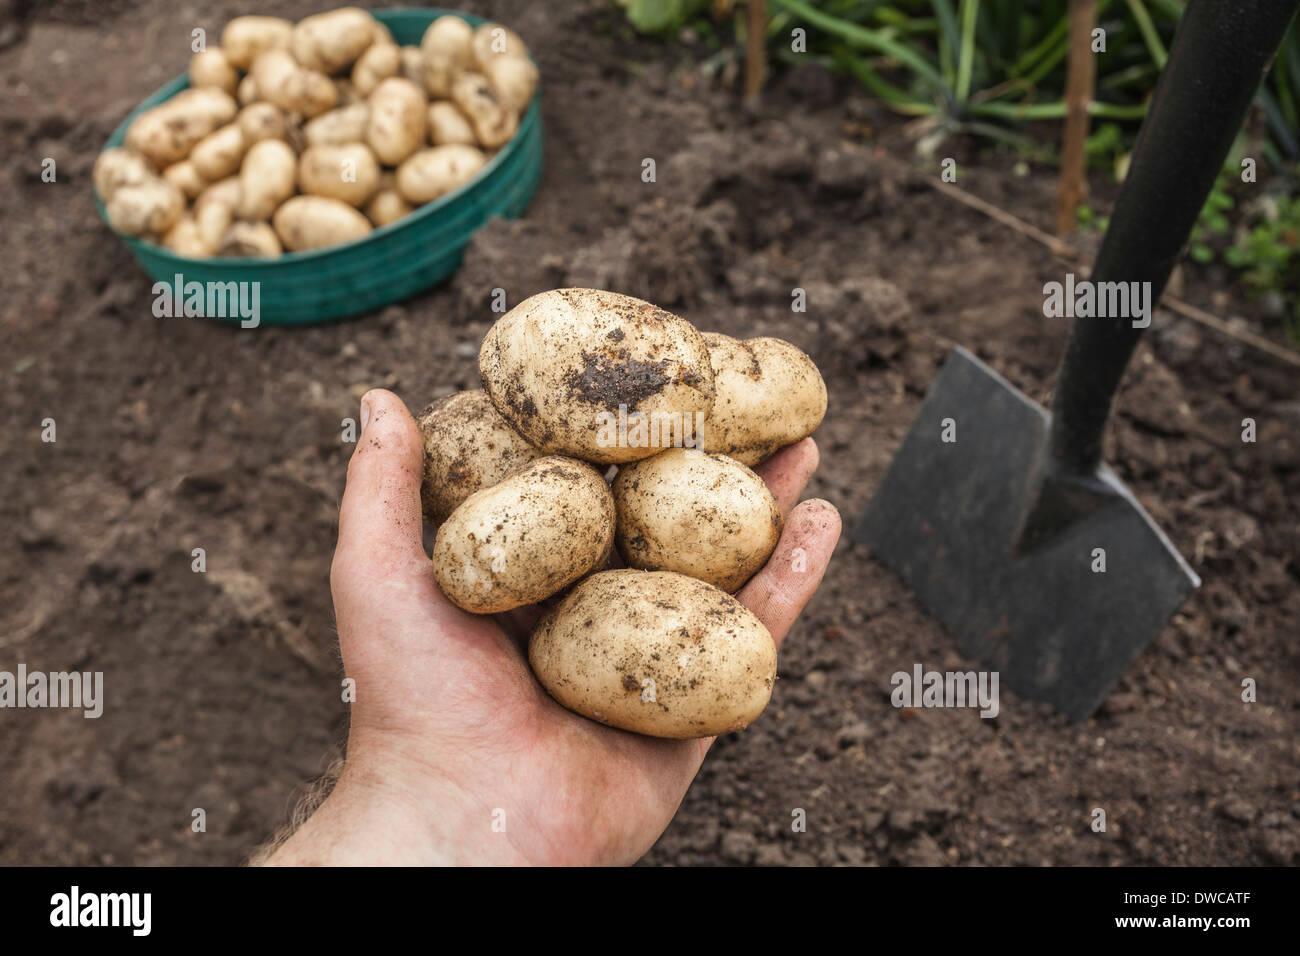 Uomo maturo holding patate raccolte da giardino Immagini Stock